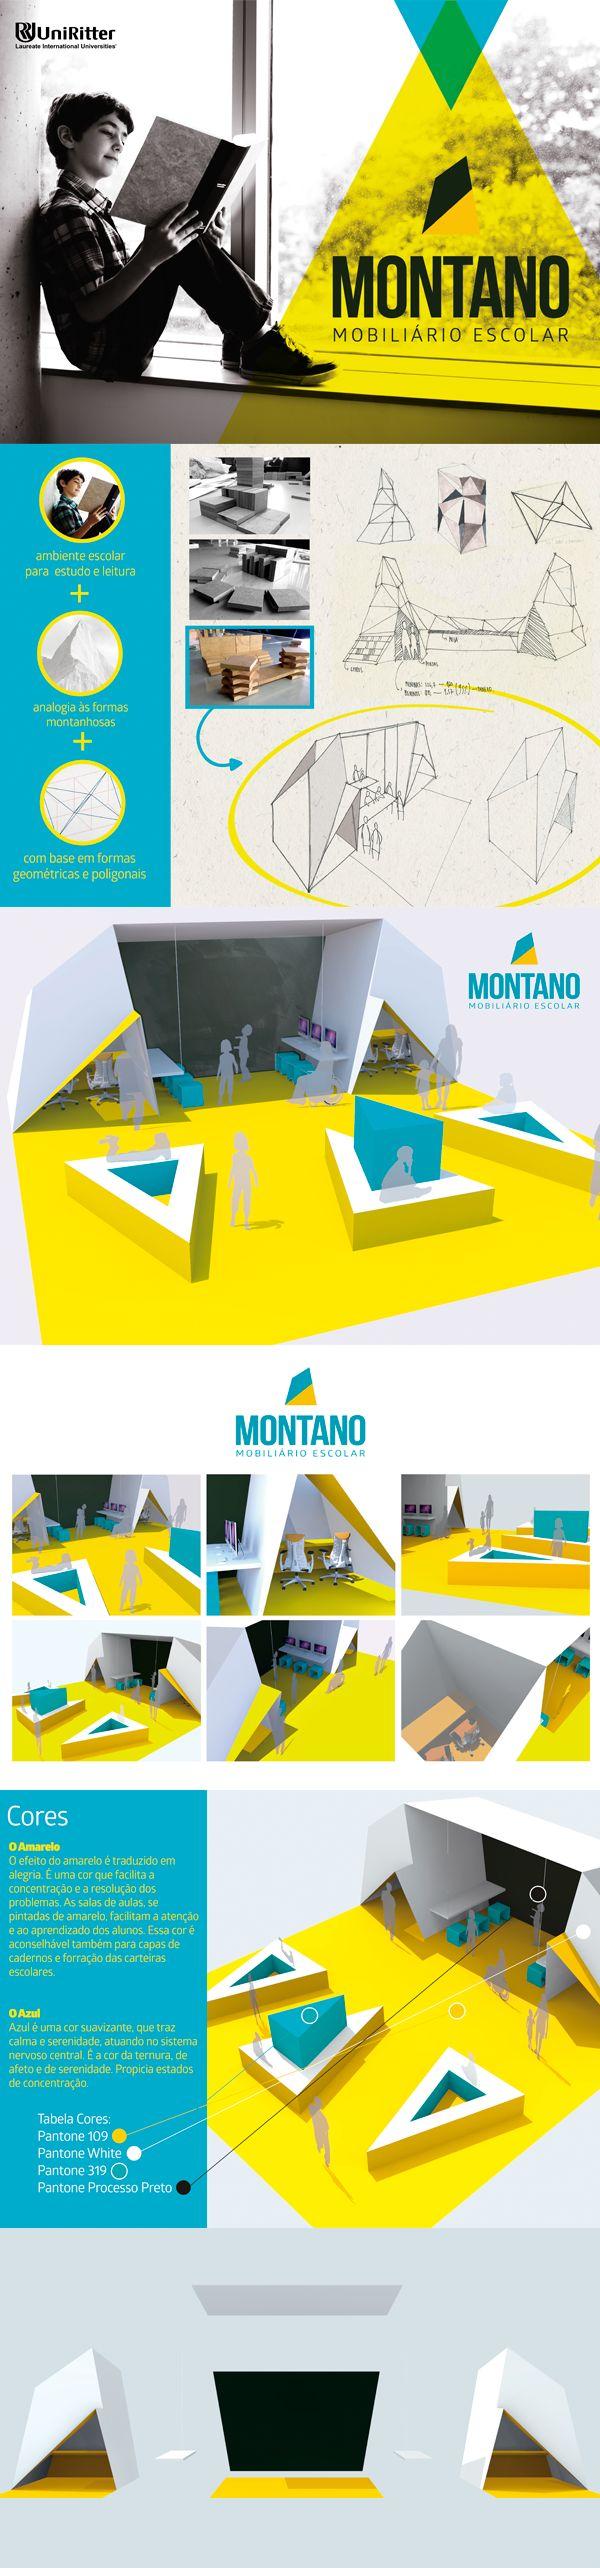 Montano   Mobiliário Escolar on Behance